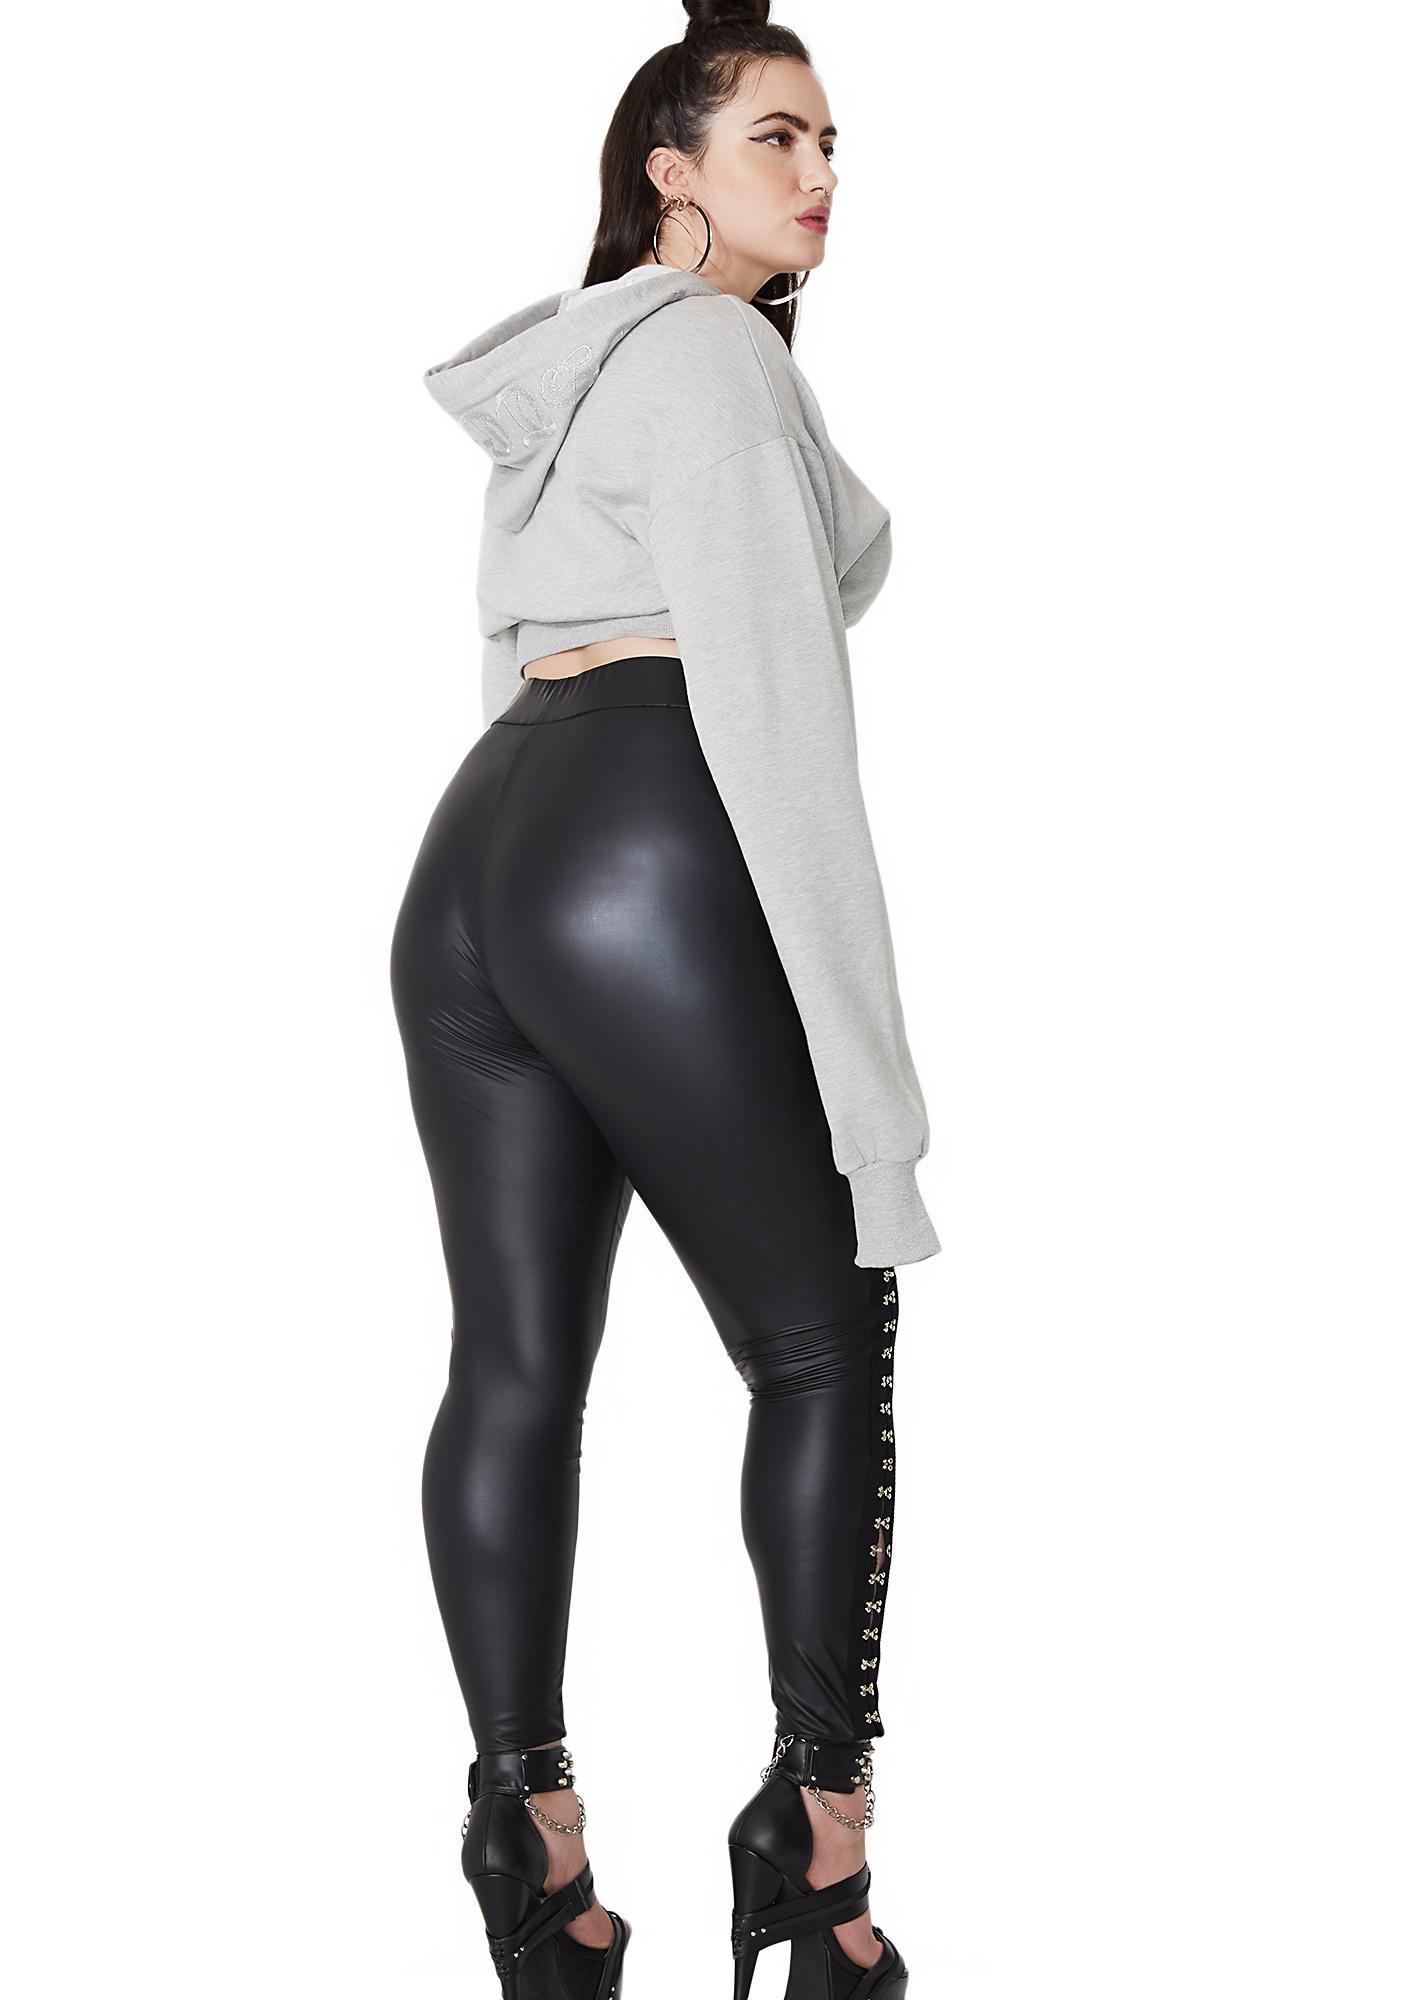 hook up leggings